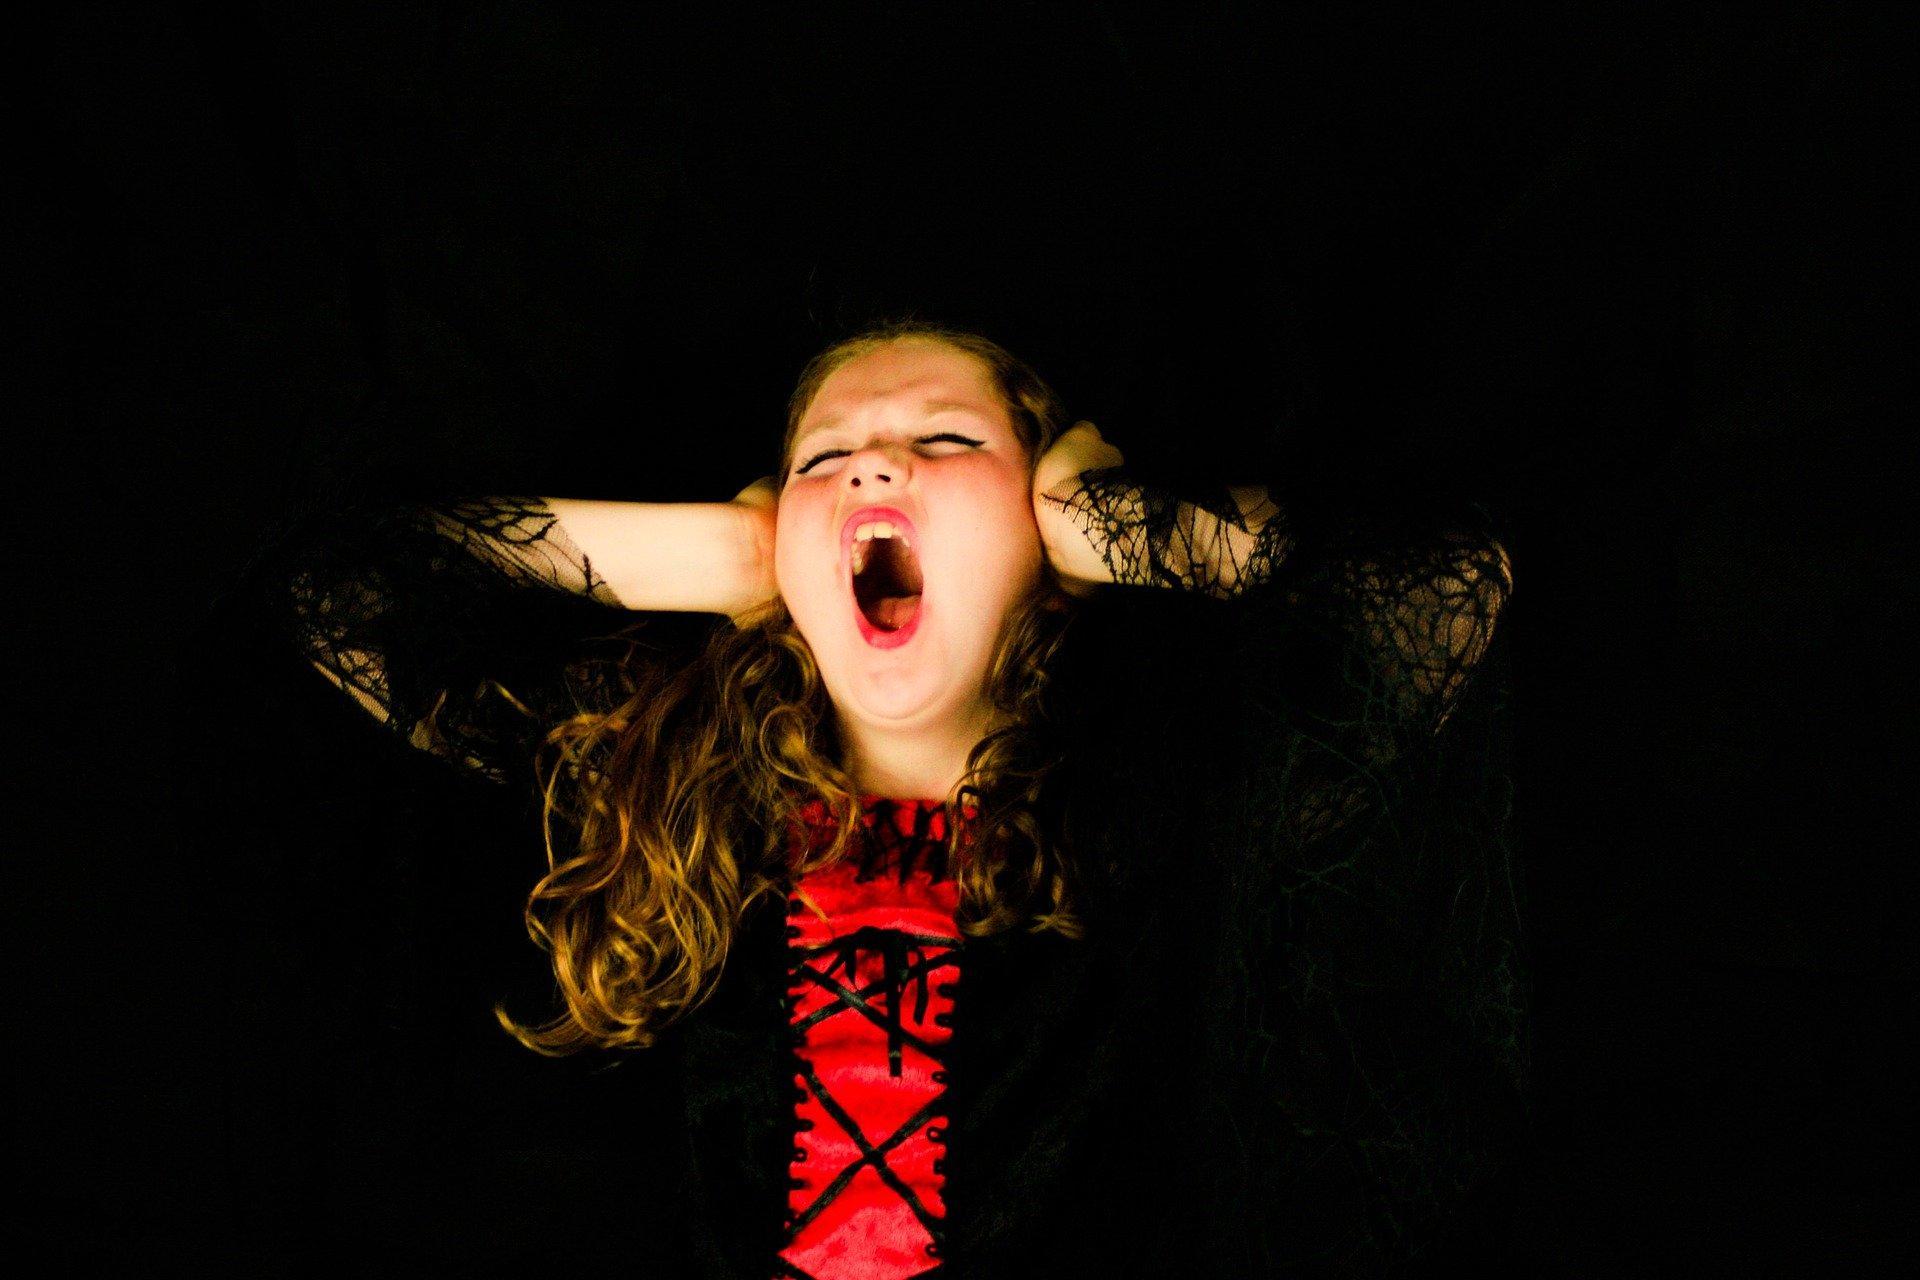 Специалист назвала симптомы у ребёнка, при которых ему необходим психолог